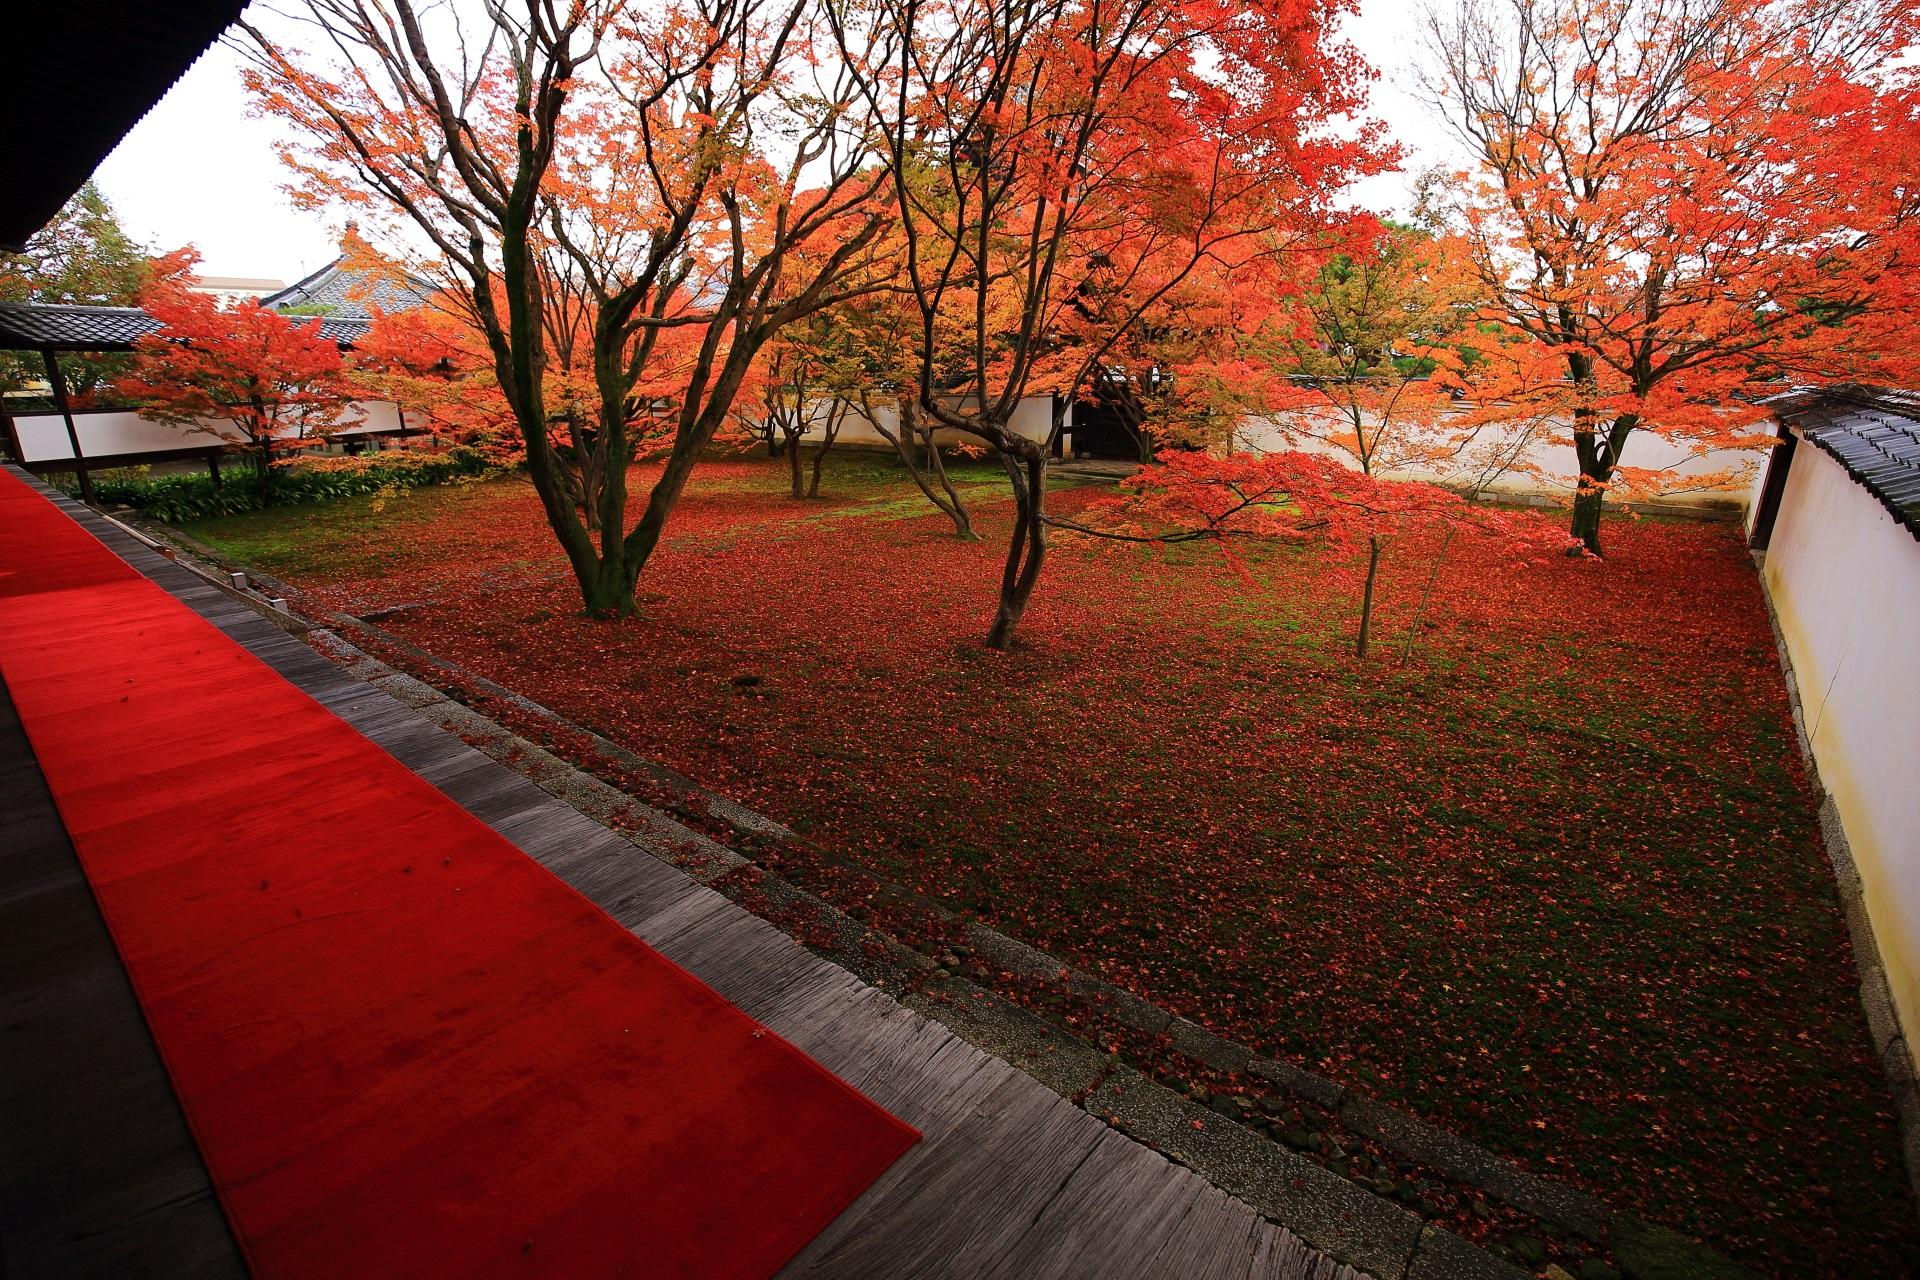 京都西陣の街中にある妙覚寺の絶品の紅葉と散りもみじの庭園